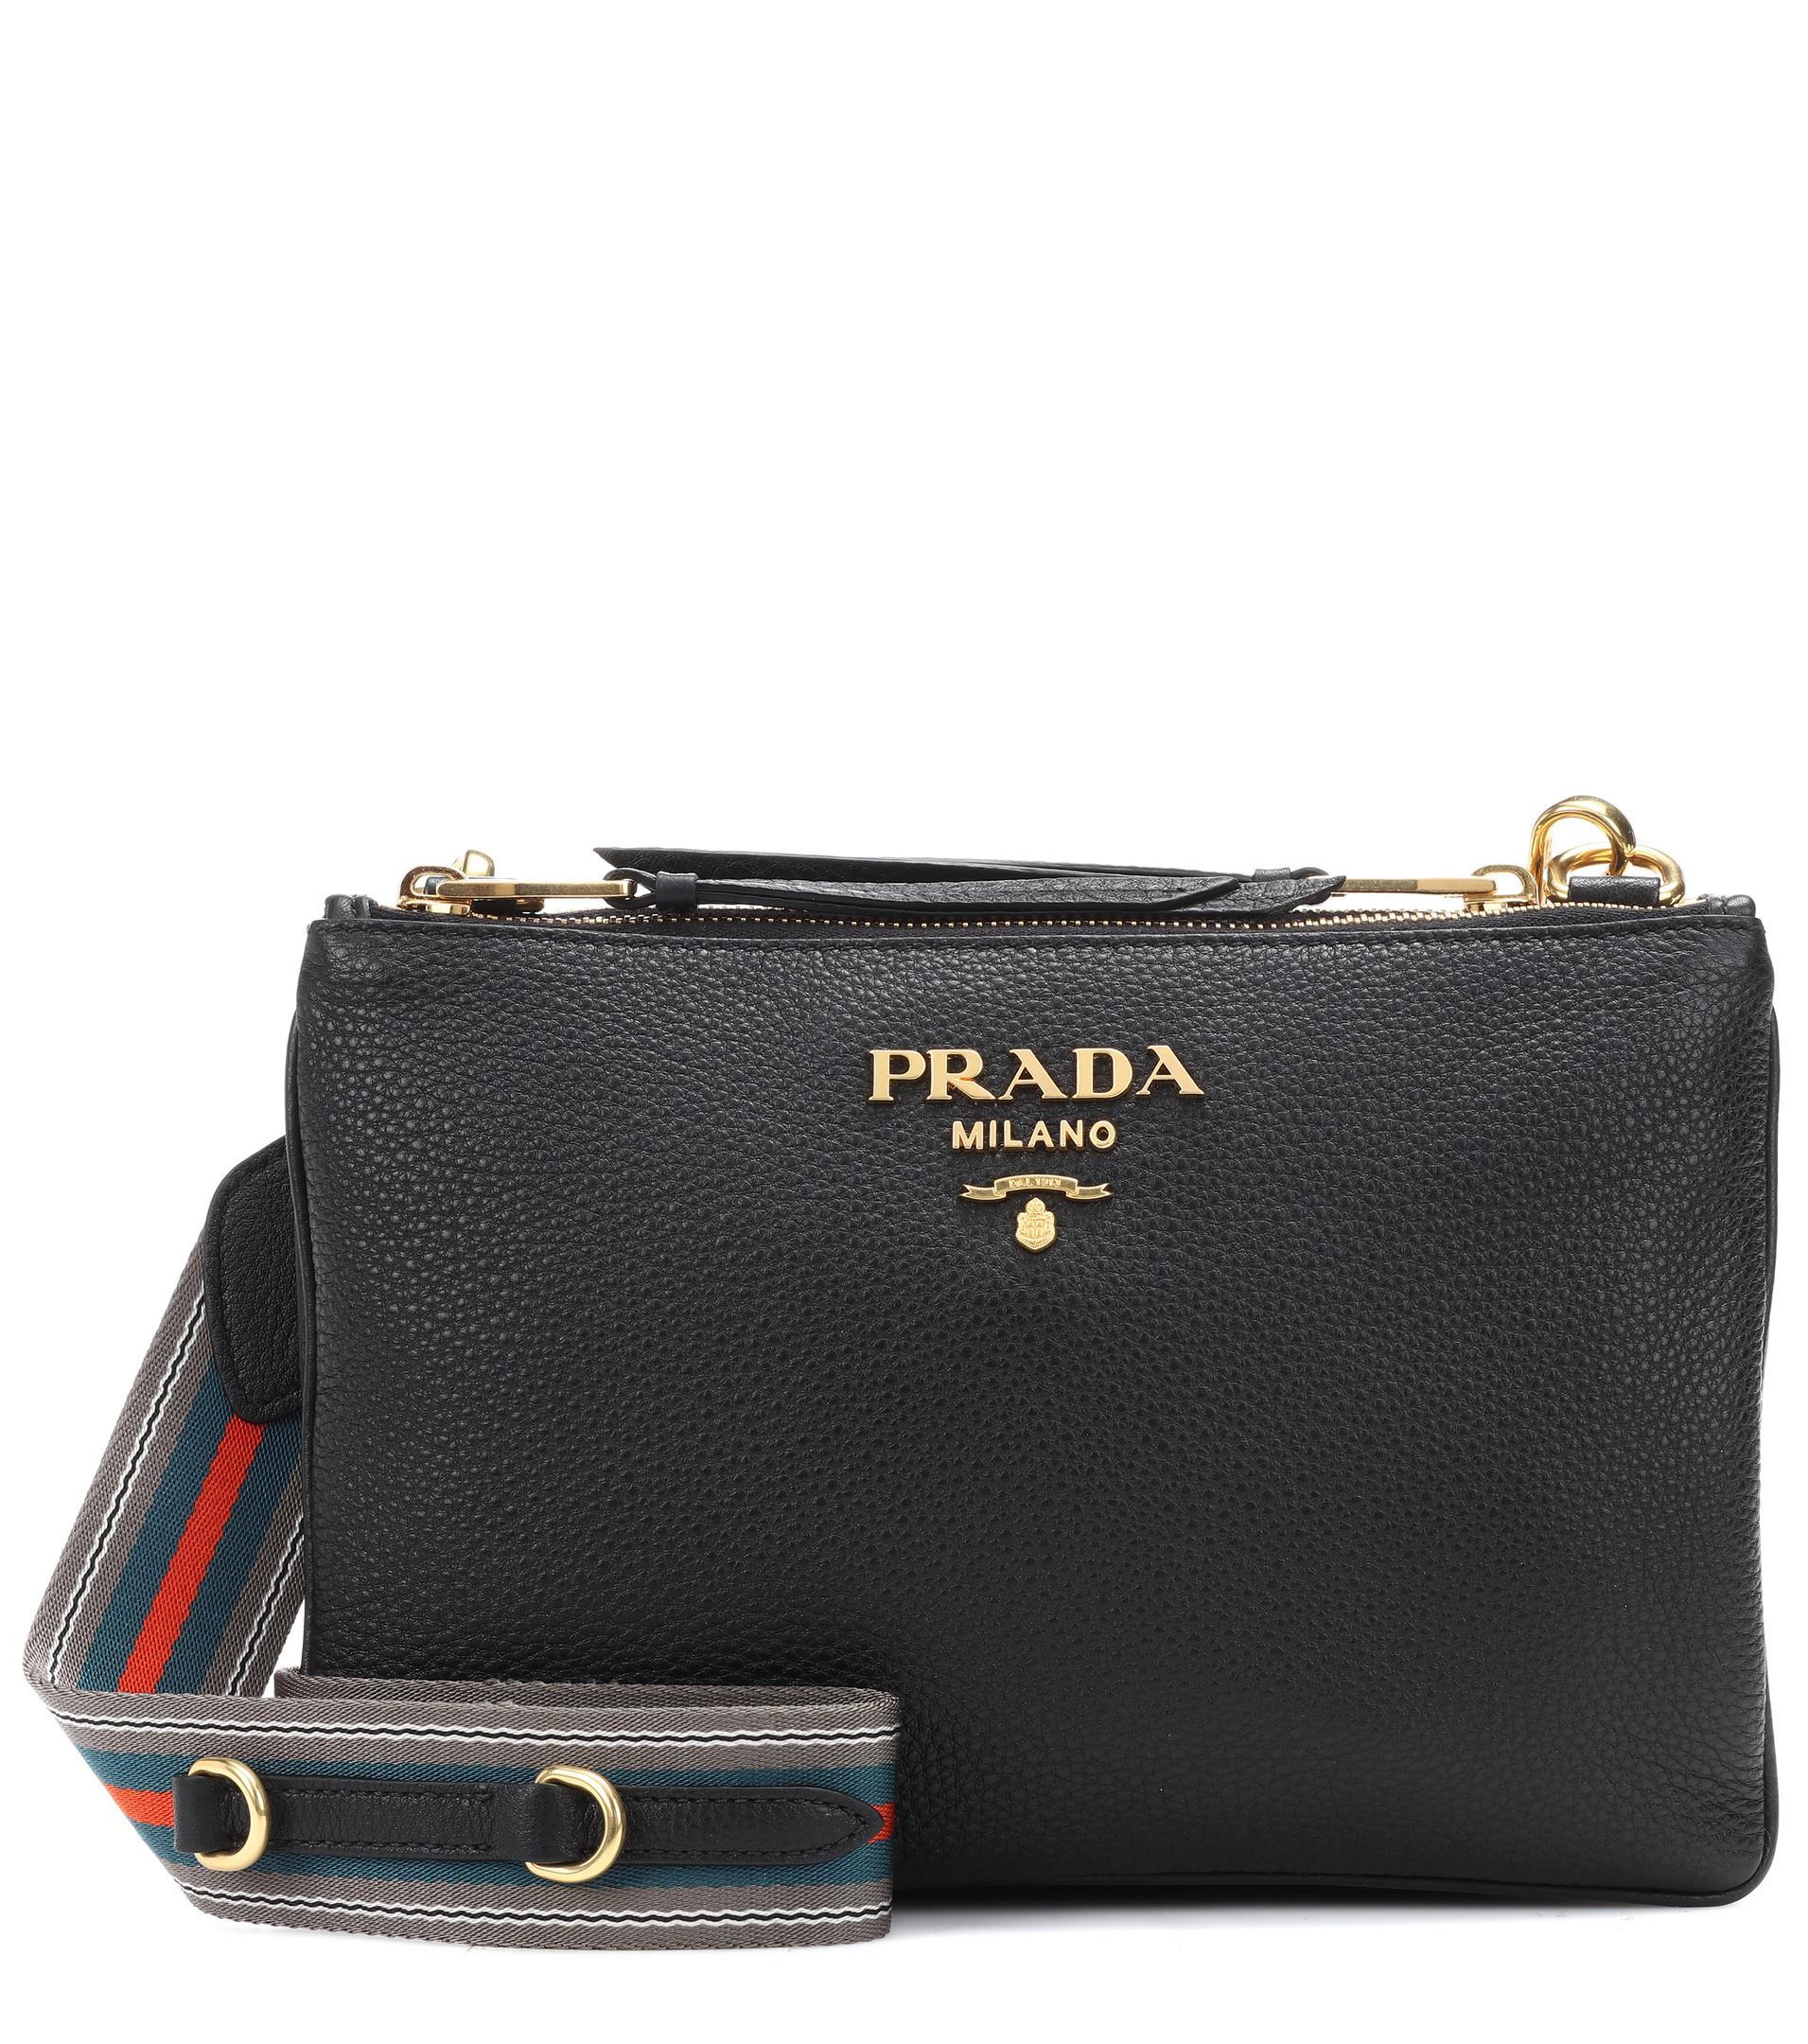 ... buy prada black daino small leather crossbody bag lyst. view fullscreen  09319 462ef a58ca5750f756